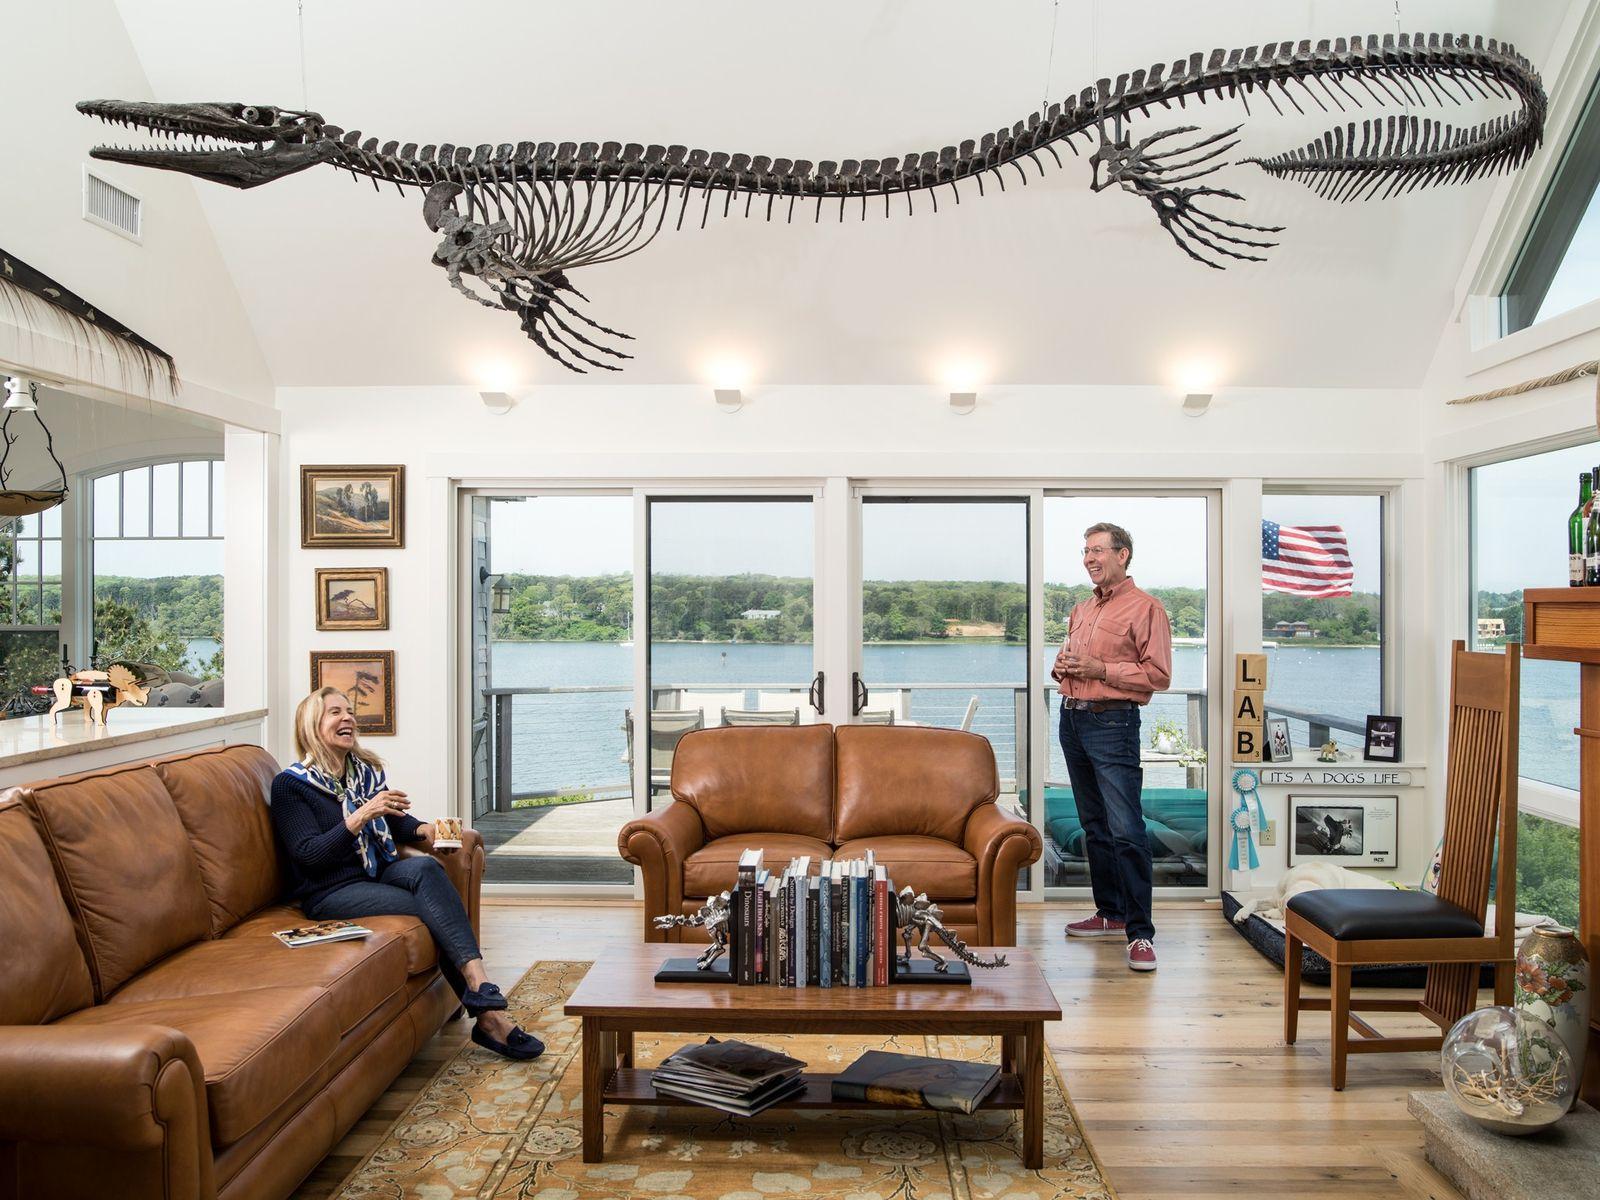 Para complementar o mar que se vê no exterior, um mosassauro de 5 metros de comprimento ...